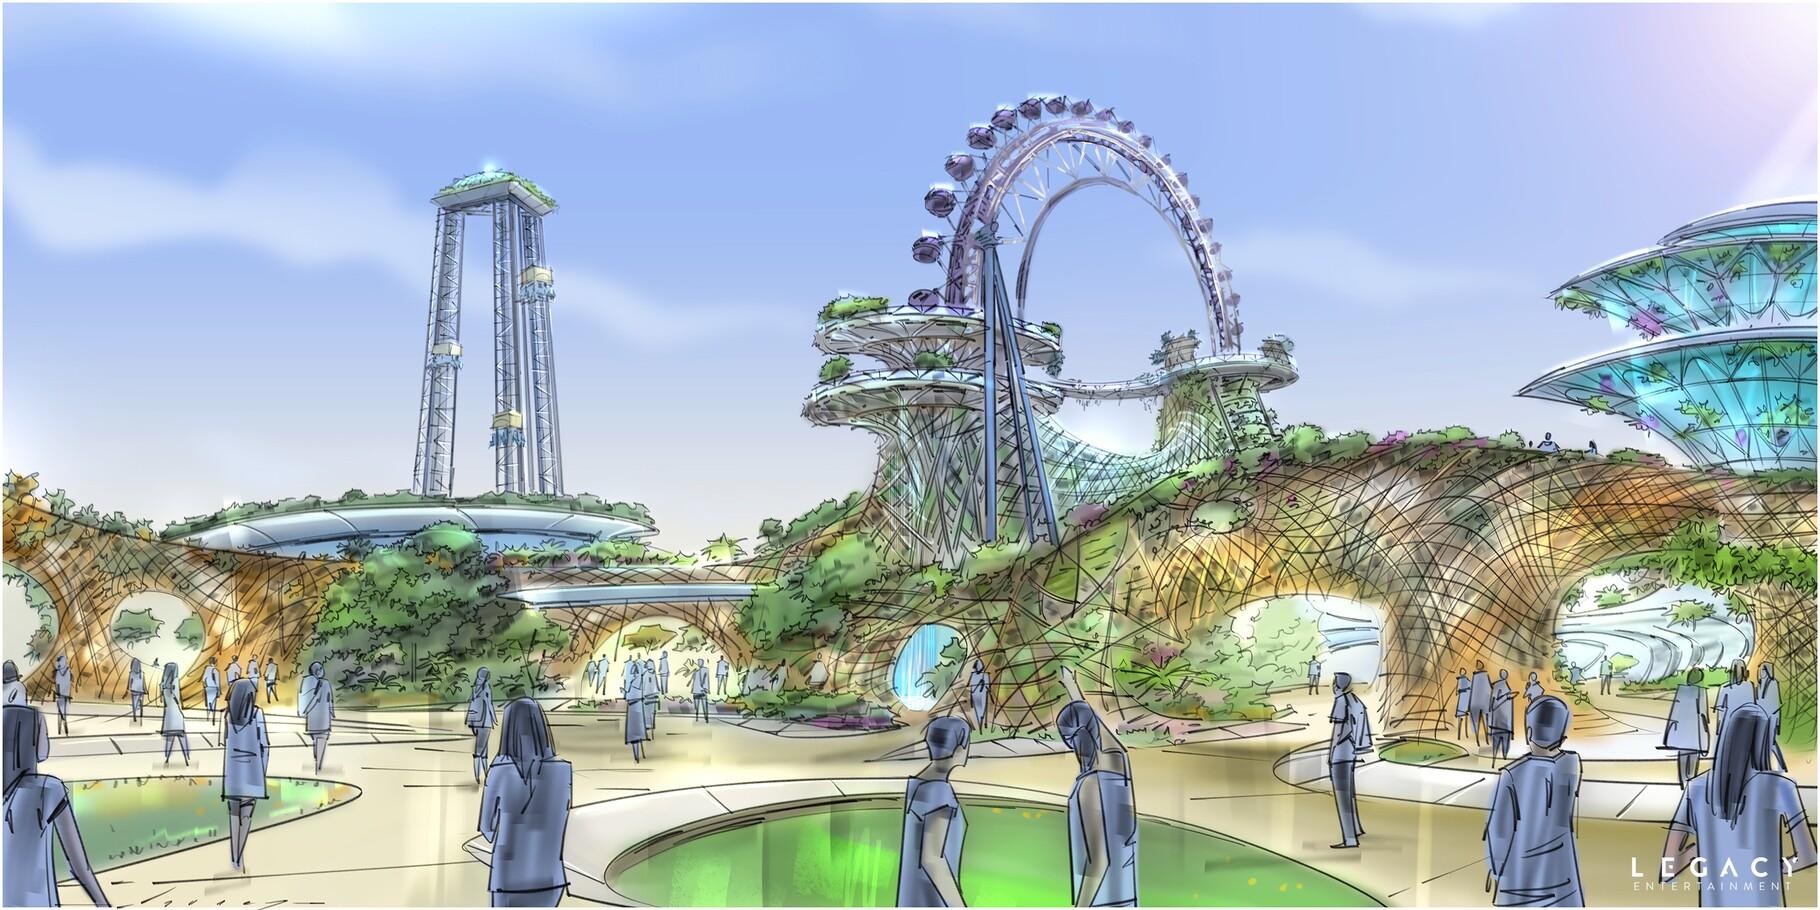 hangzhou-bay-sunac-tourism-city-93313300.jpeg